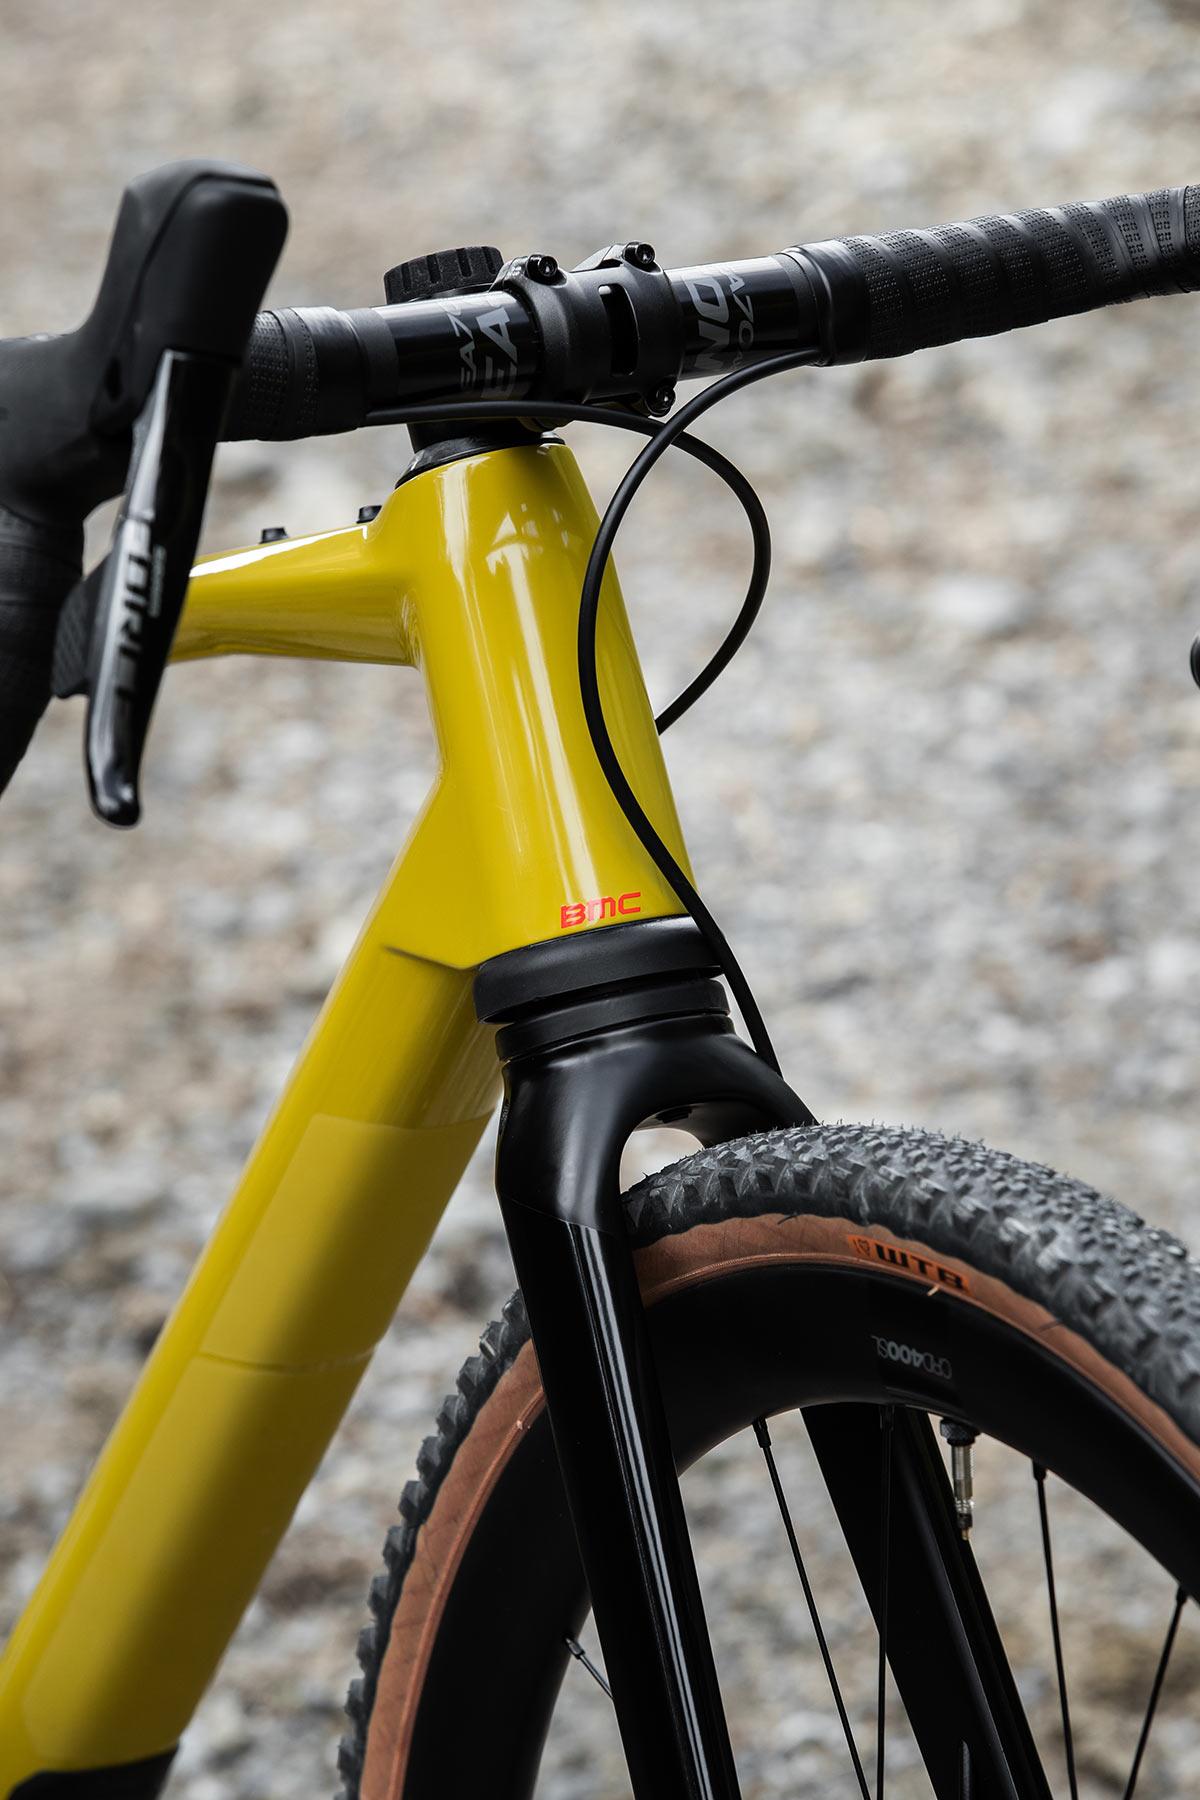 bmc urs lt full suspension gravel bike closeup on front fork